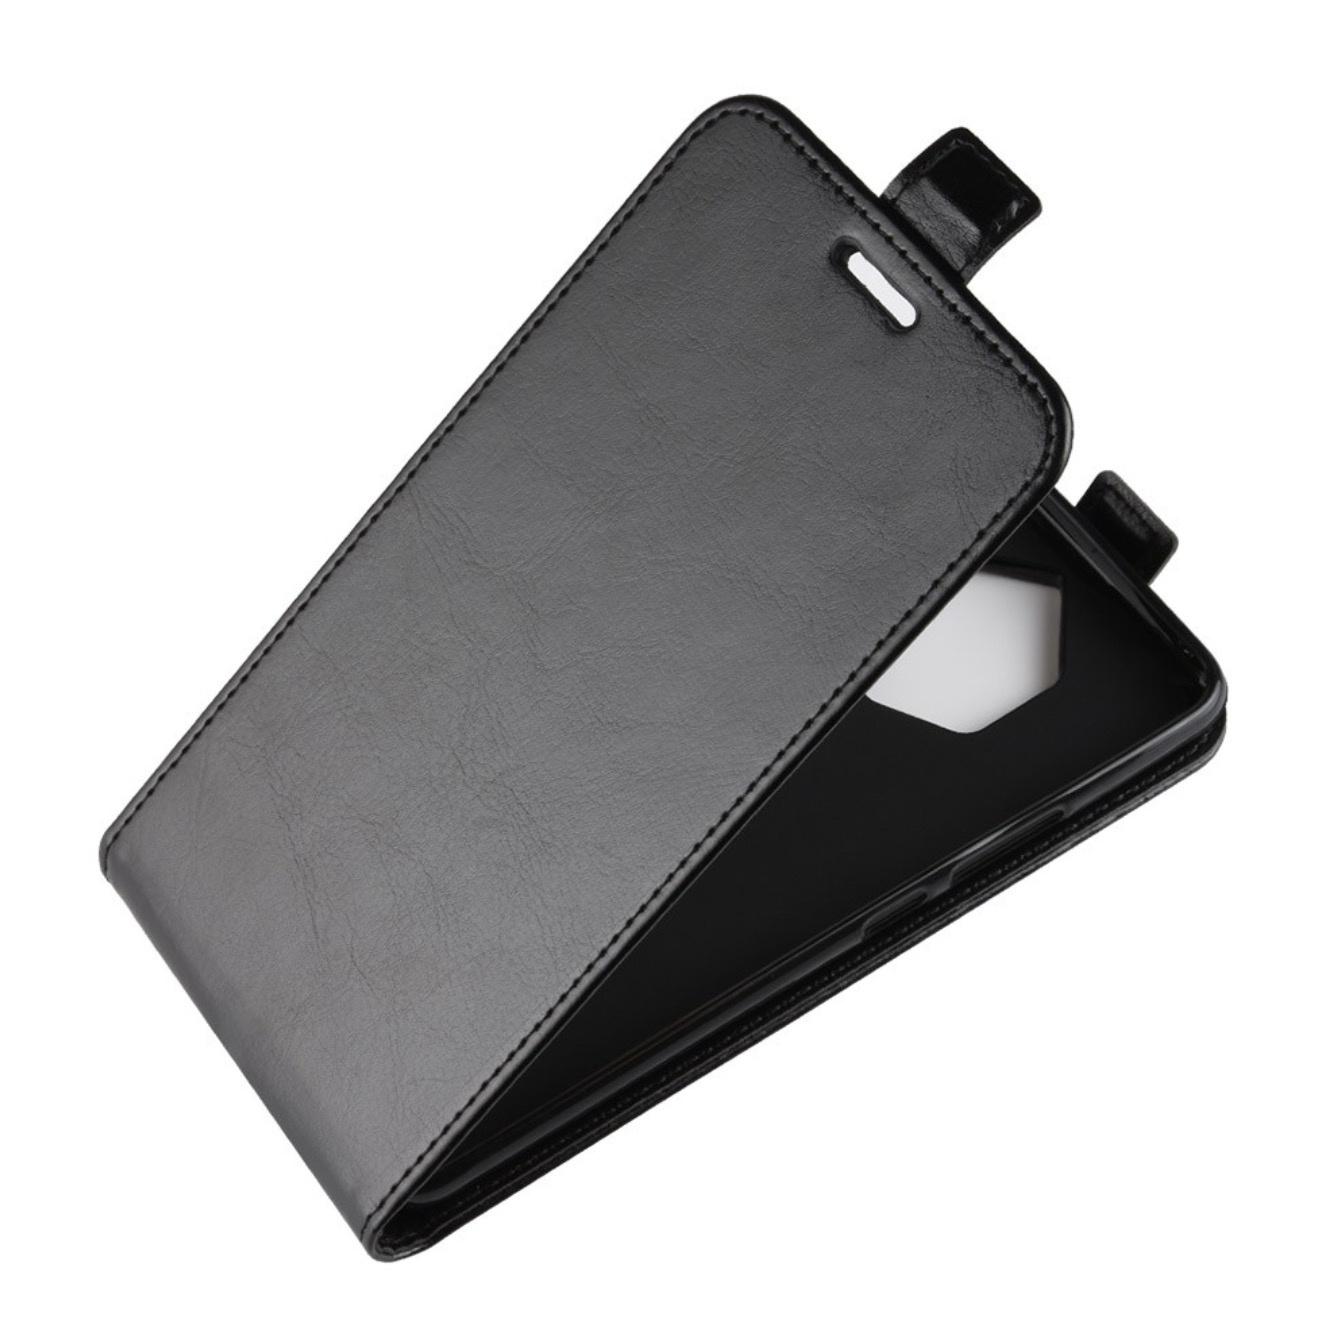 все цены на Чехол-флип MyPads для Nokia Lumia 930 вертикальный откидной черный онлайн